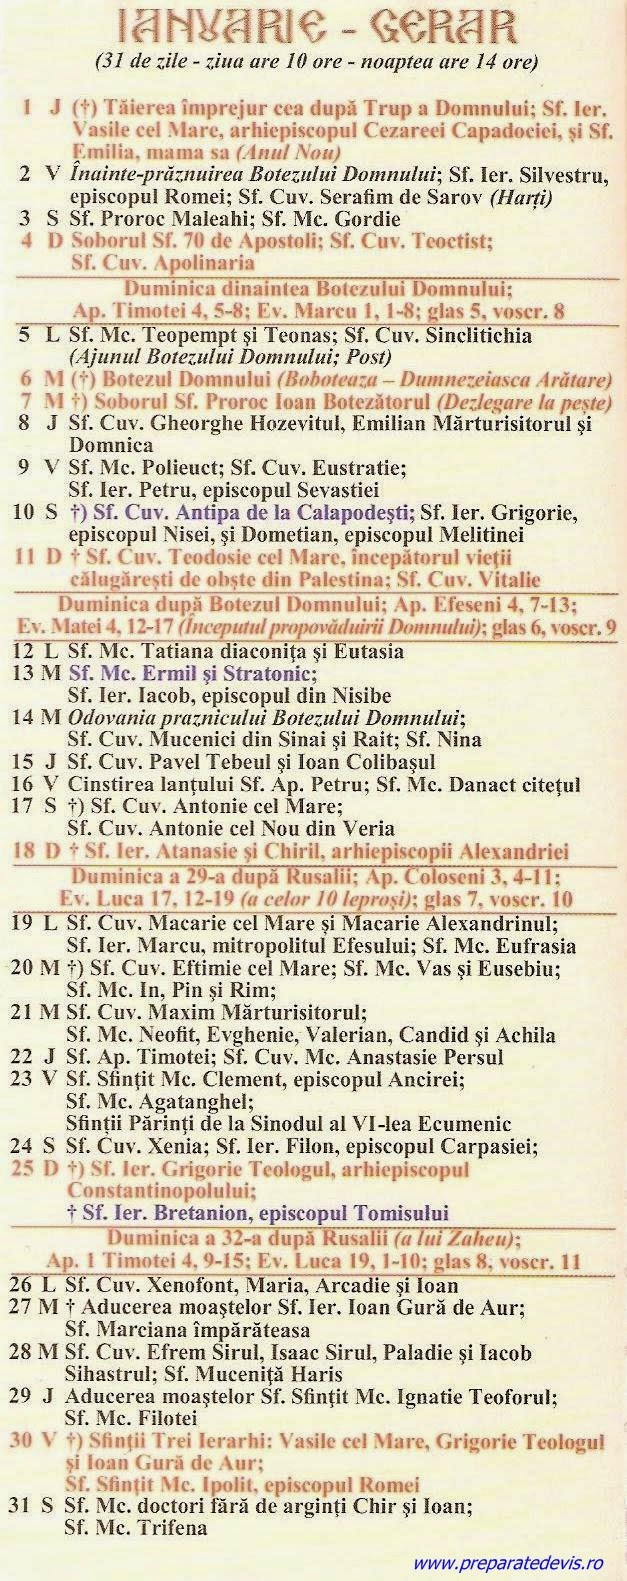 Calendar Ortodox Ianuarie 2016 | Calendar Template 2016